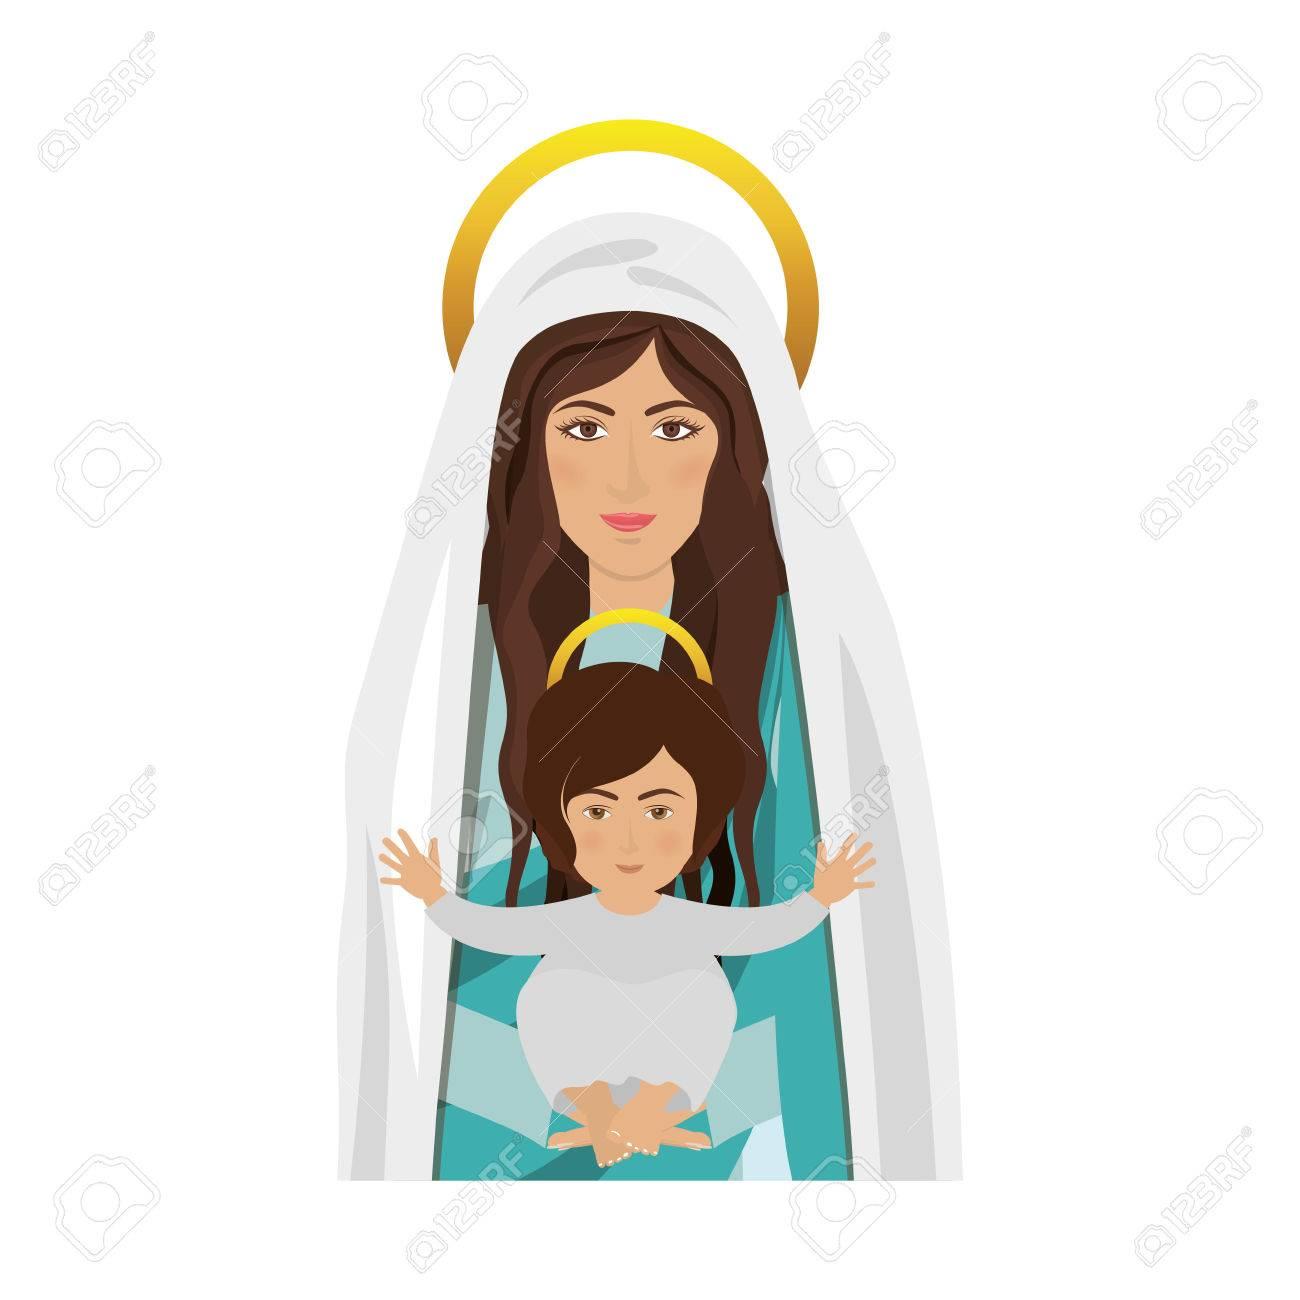 De Dibujos Animados Virgen María Con El Niño Jesús En Los Brazos Sobre Fondo Blanco Símbolo Religioso Diseño Colorido Ilustración